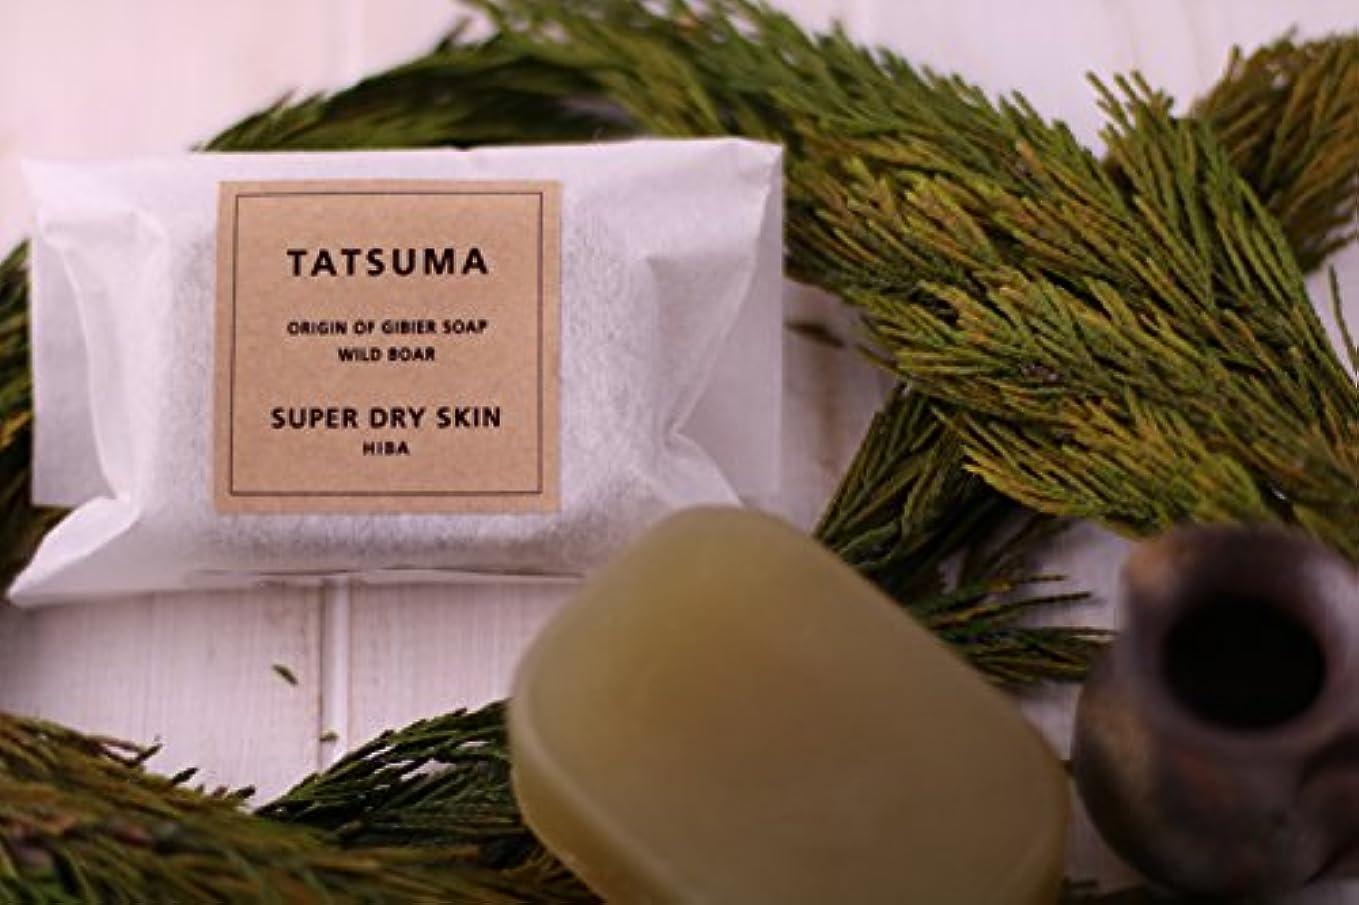 柔らかい足常習的追加化粧石鹸(IC-4) 枠練り/釜焚き製法 | TATSUMA SUPER SuperDRY SKIN HIBA